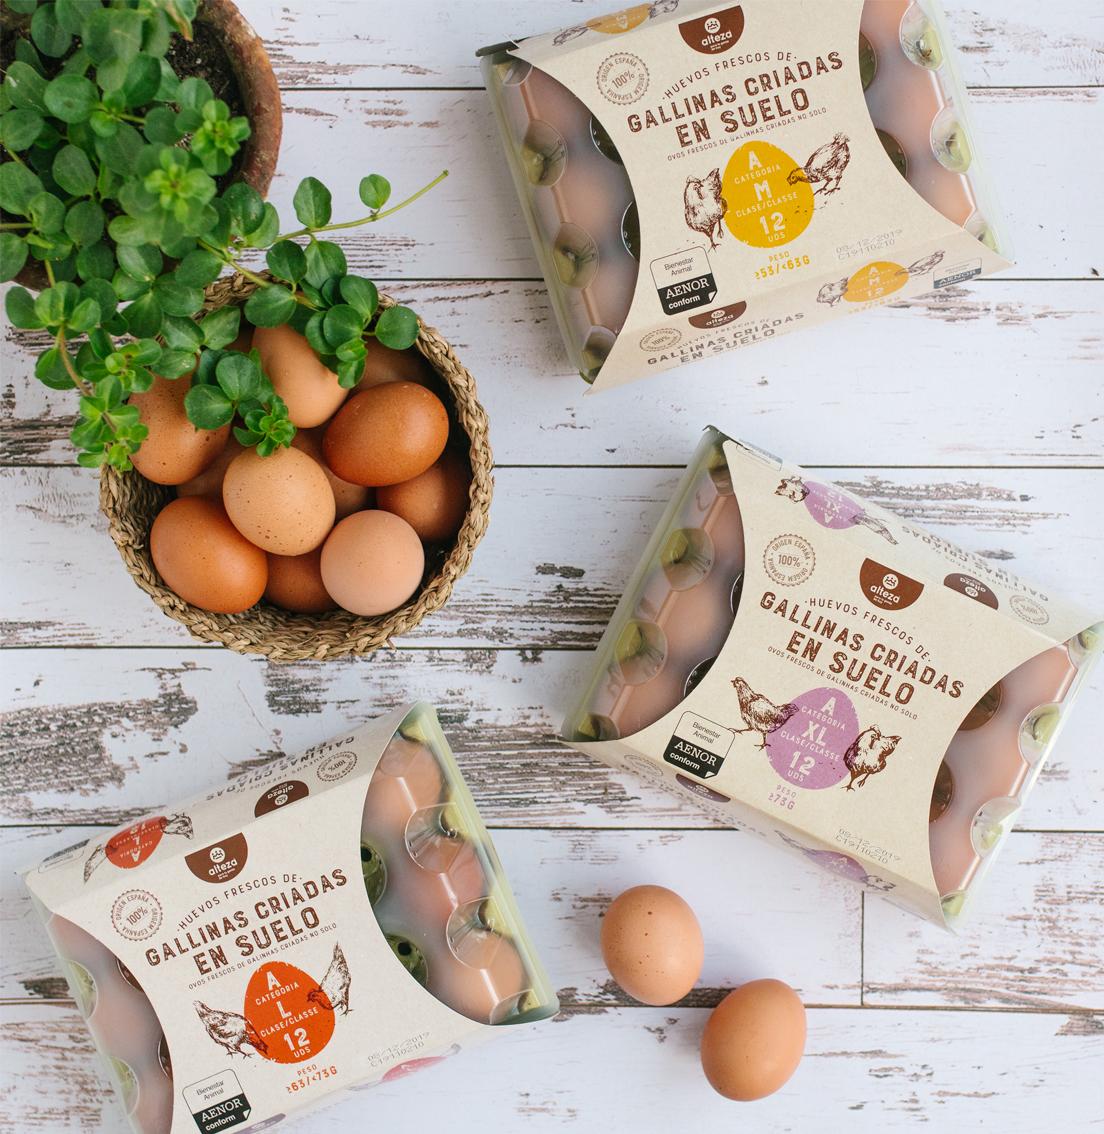 Plano cenital de varias docenas de huevos Alteza de gallinas felices